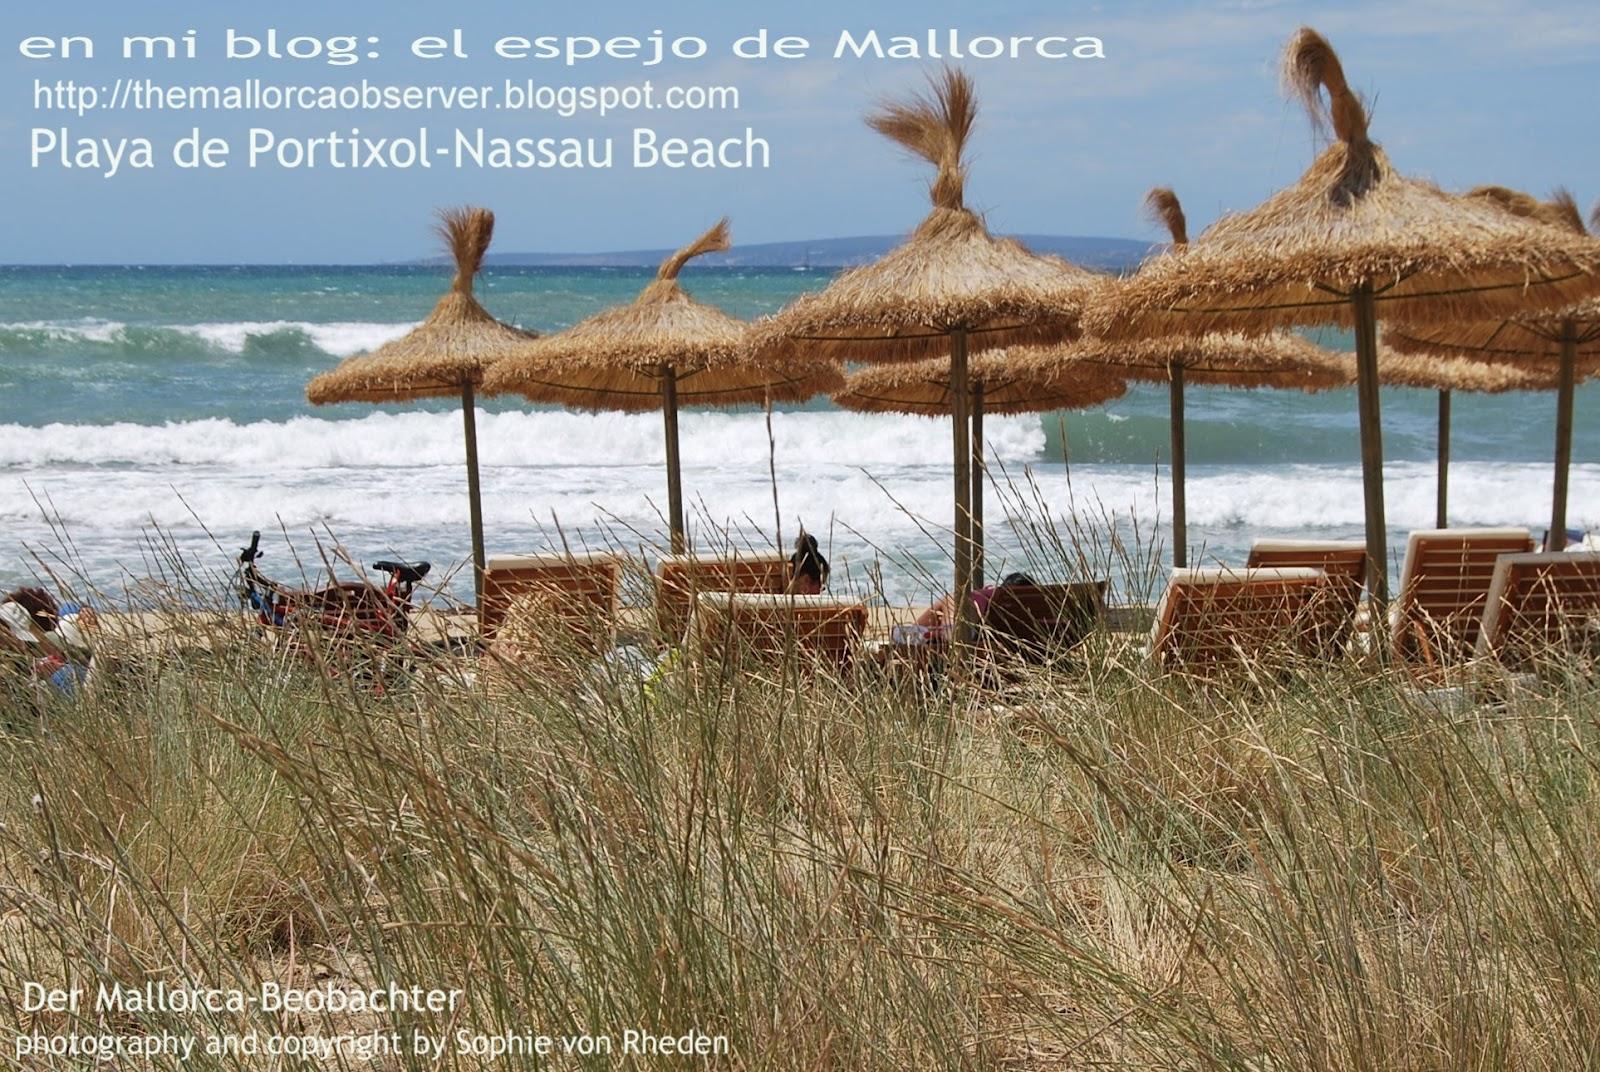 Mallorca: Reisetipps, Events und die besten Strände für den Urlaub